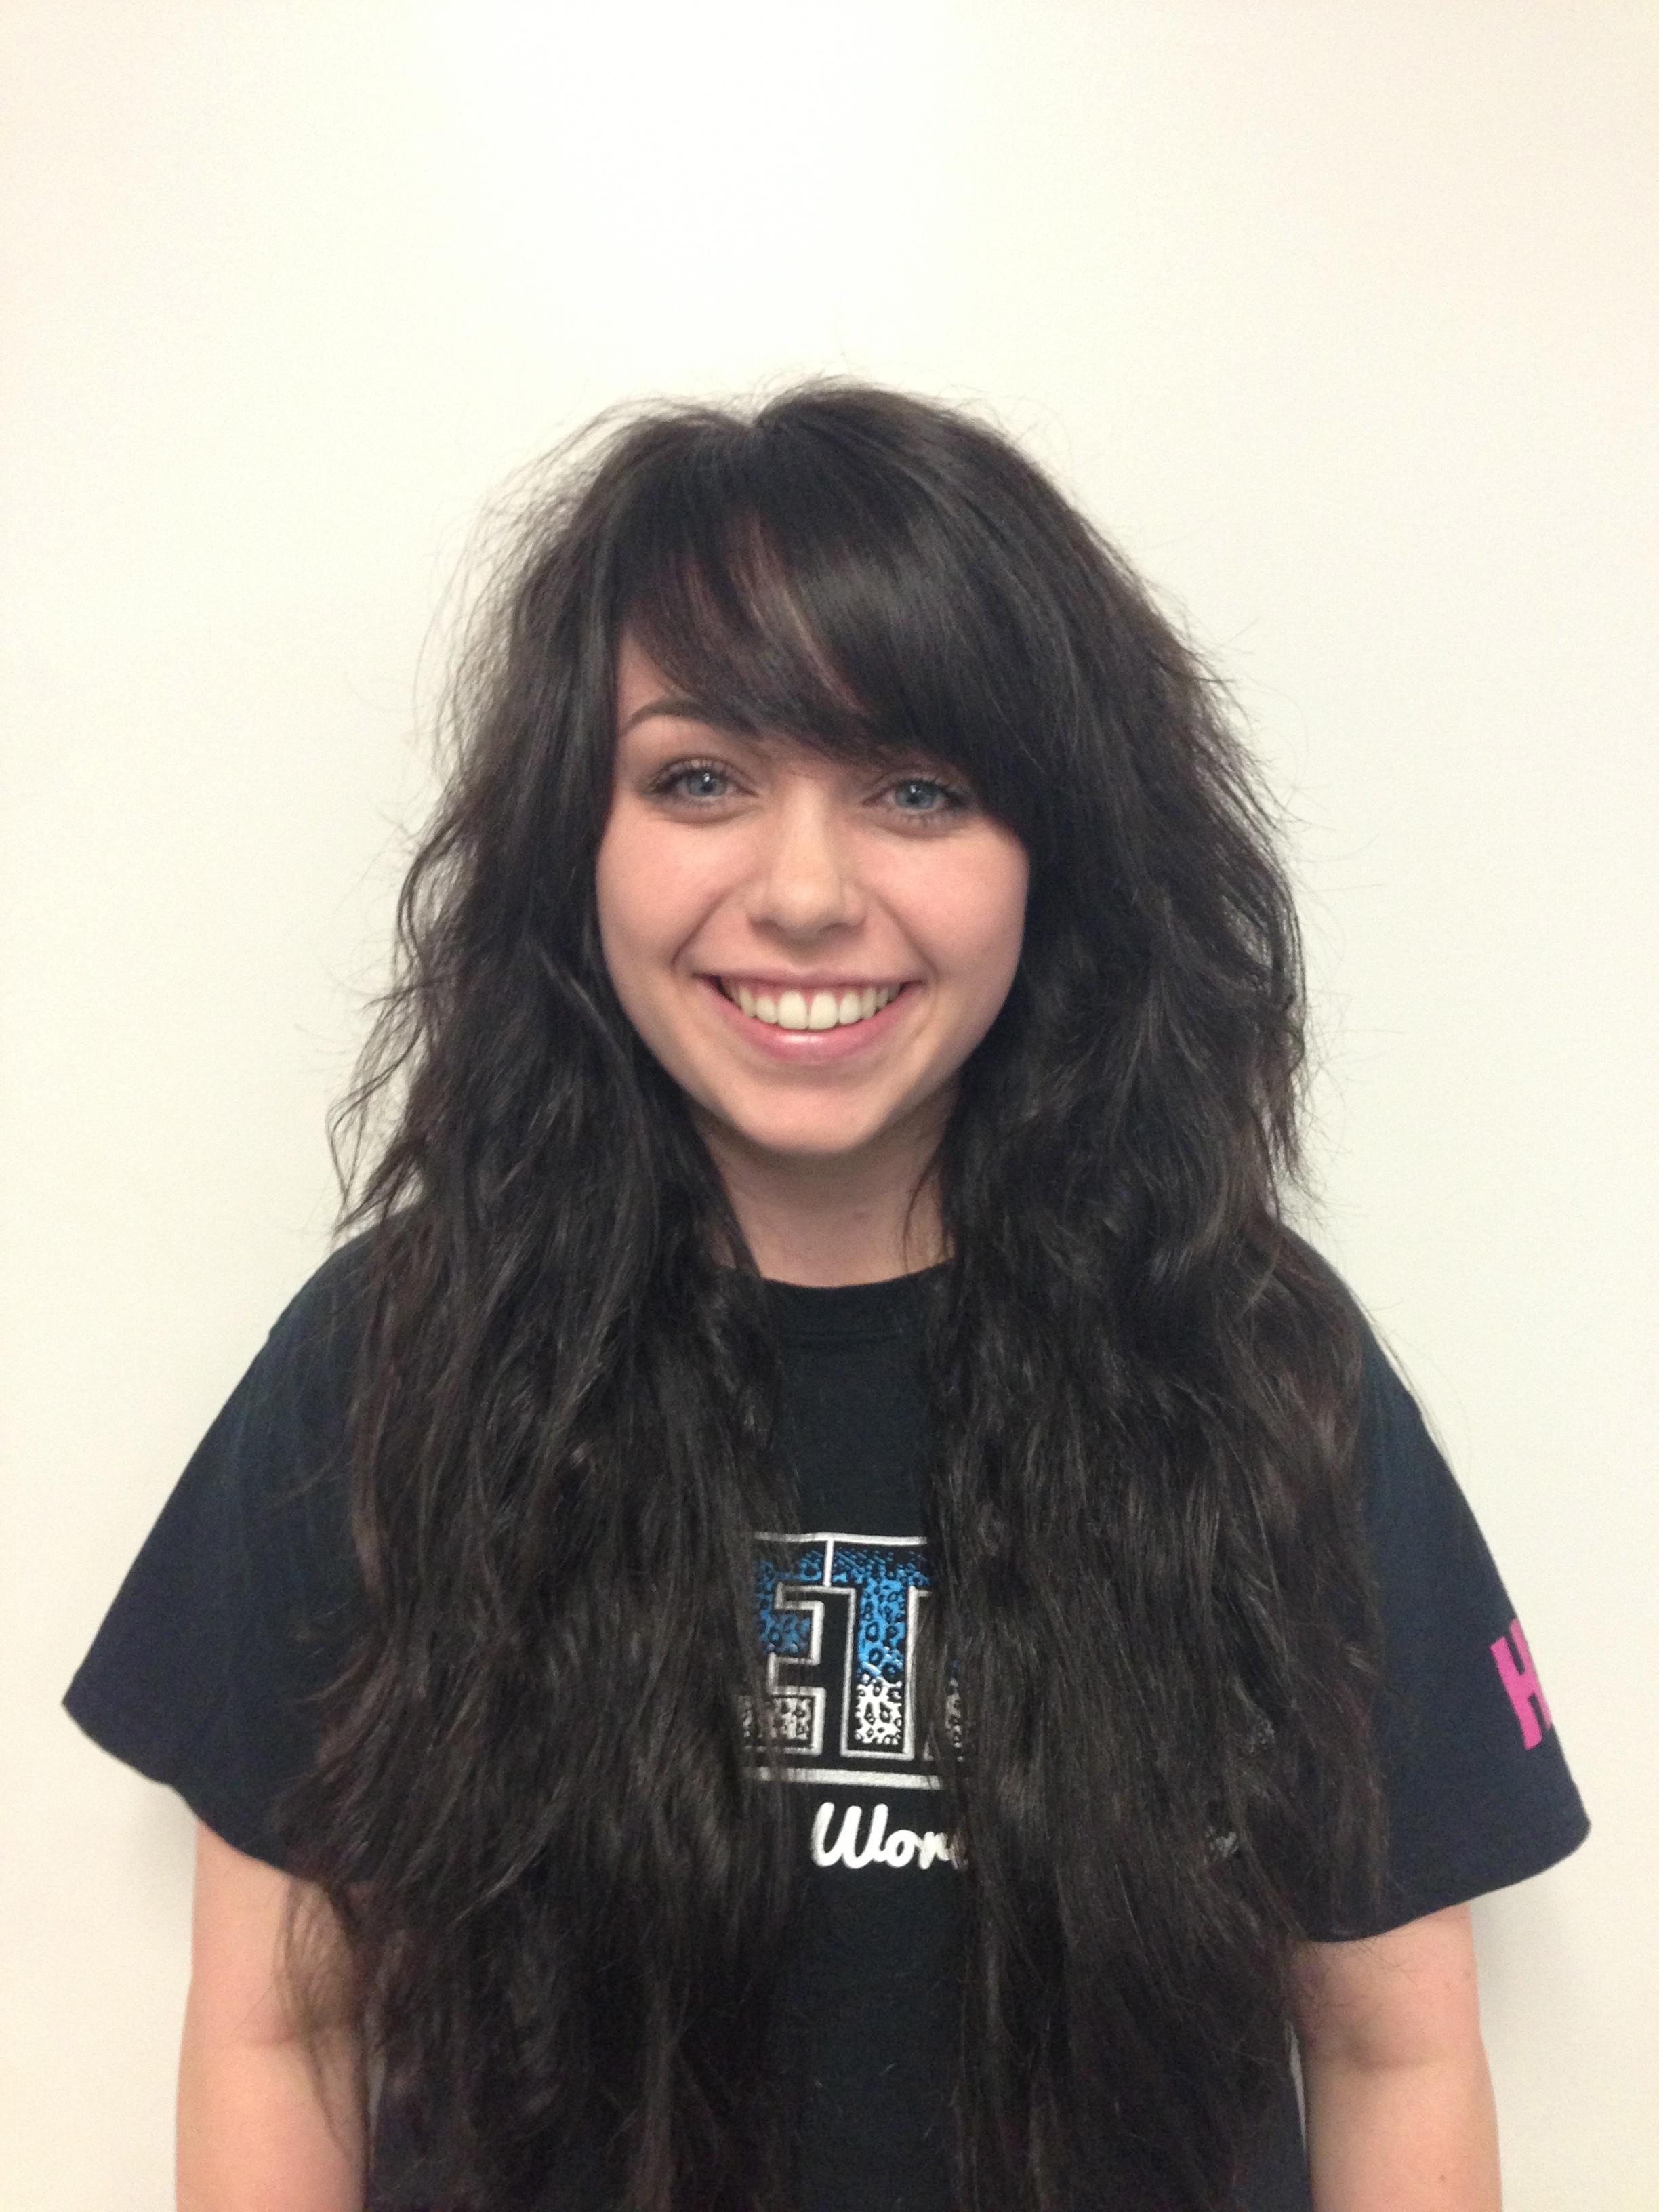 Kara Jensen, Pepperdine student